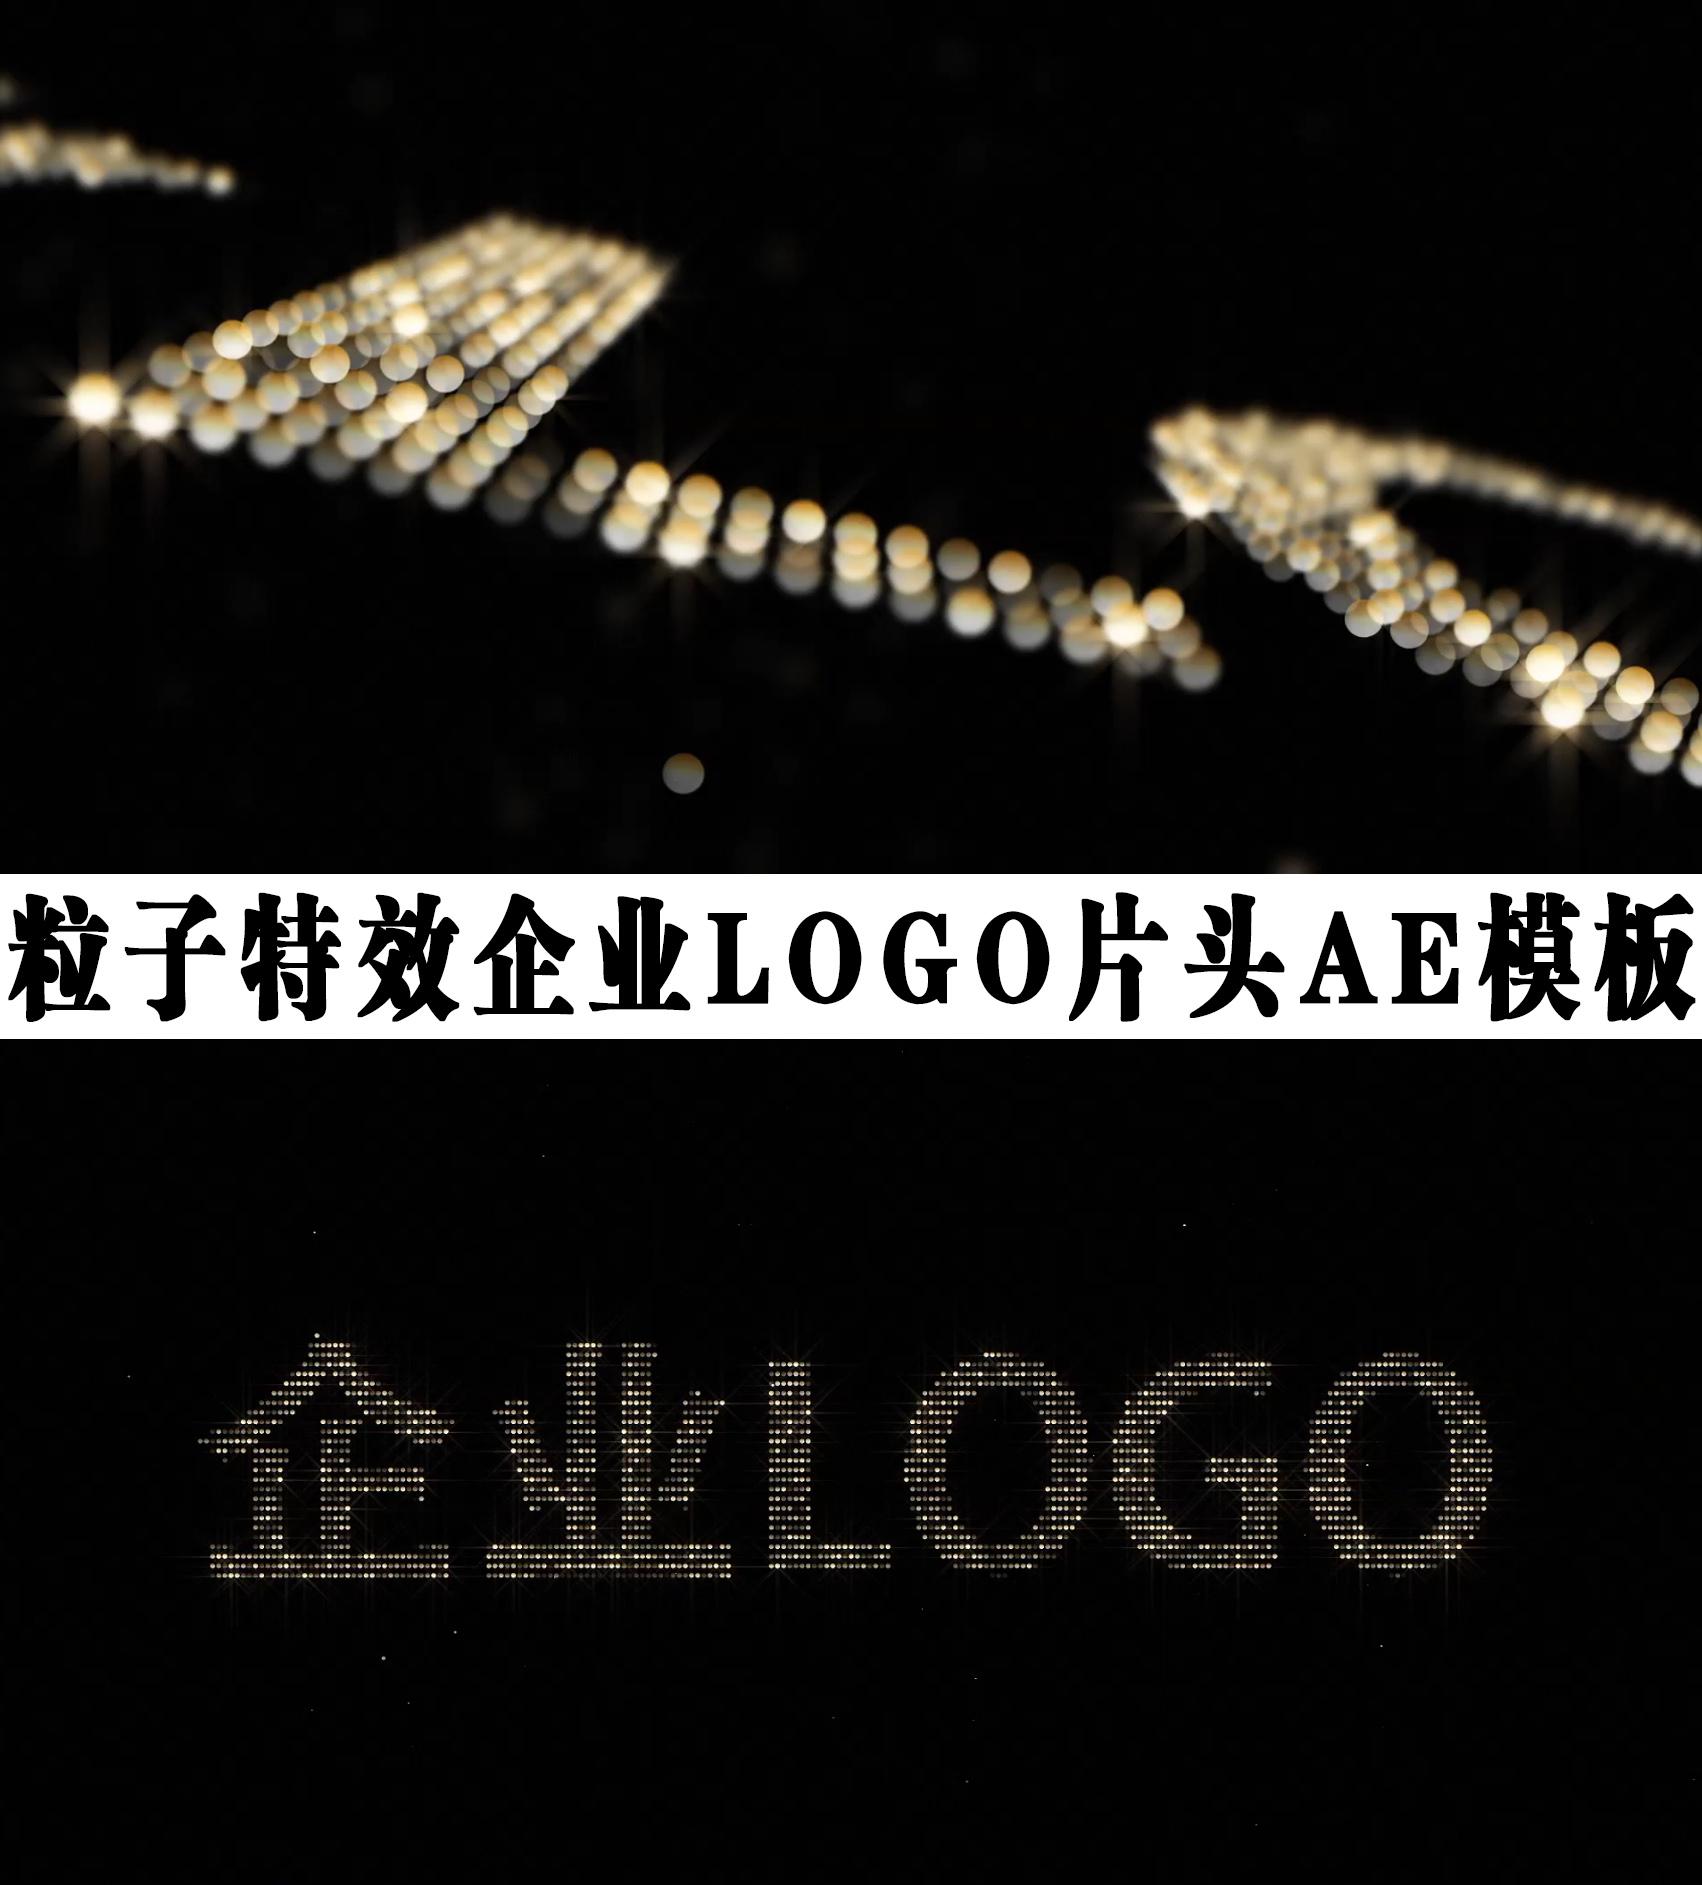 大气粒子企业logo片头AE模板